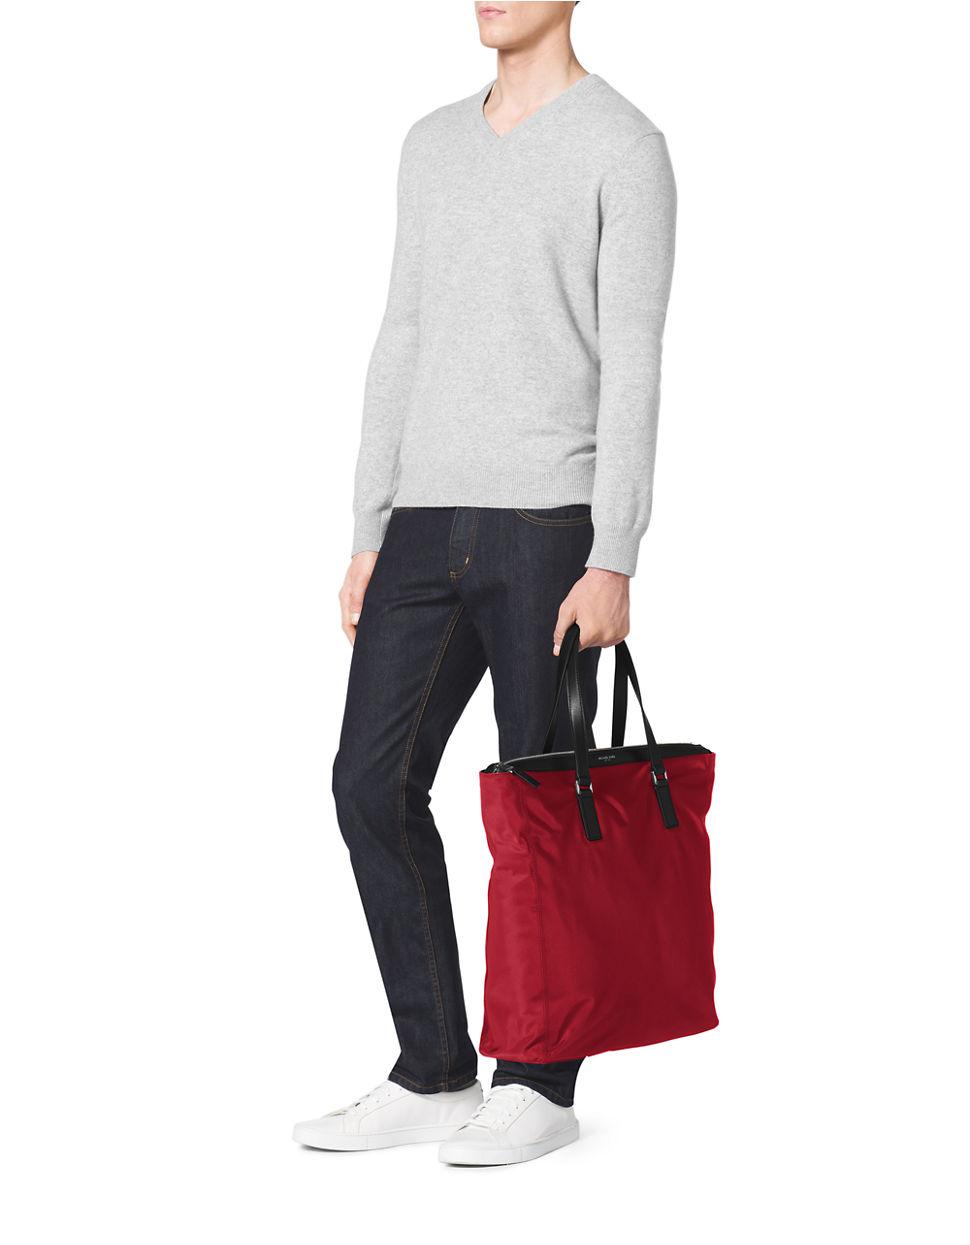 Bolsa Michael Kors Nylon : Michael kors nylon large tote in red for men lyst